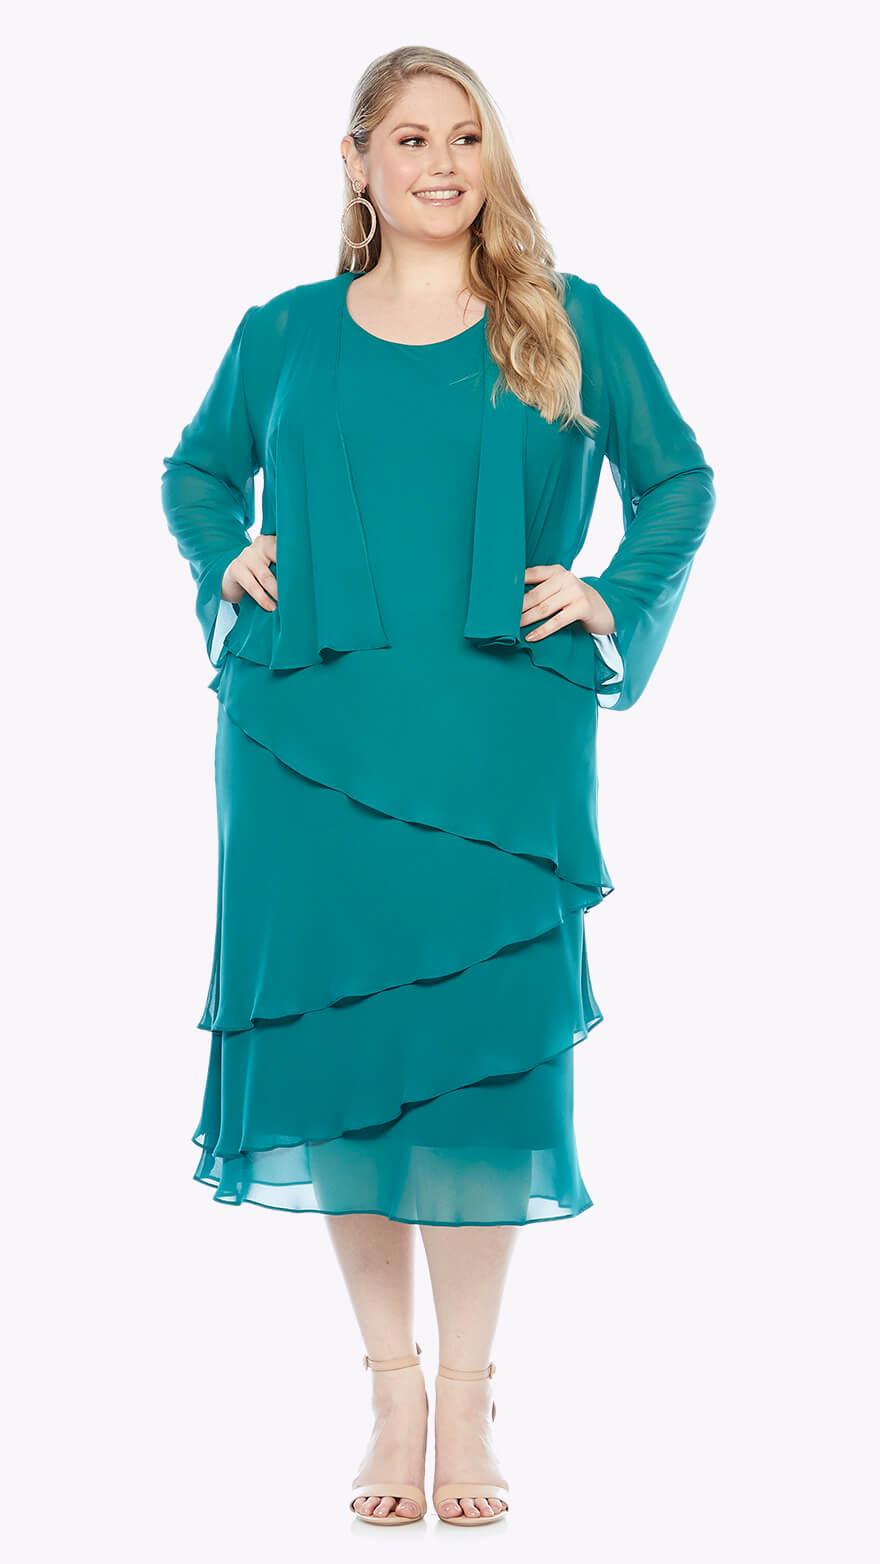 LJ0359 Chiffon layered knee-length dress with matching jacket